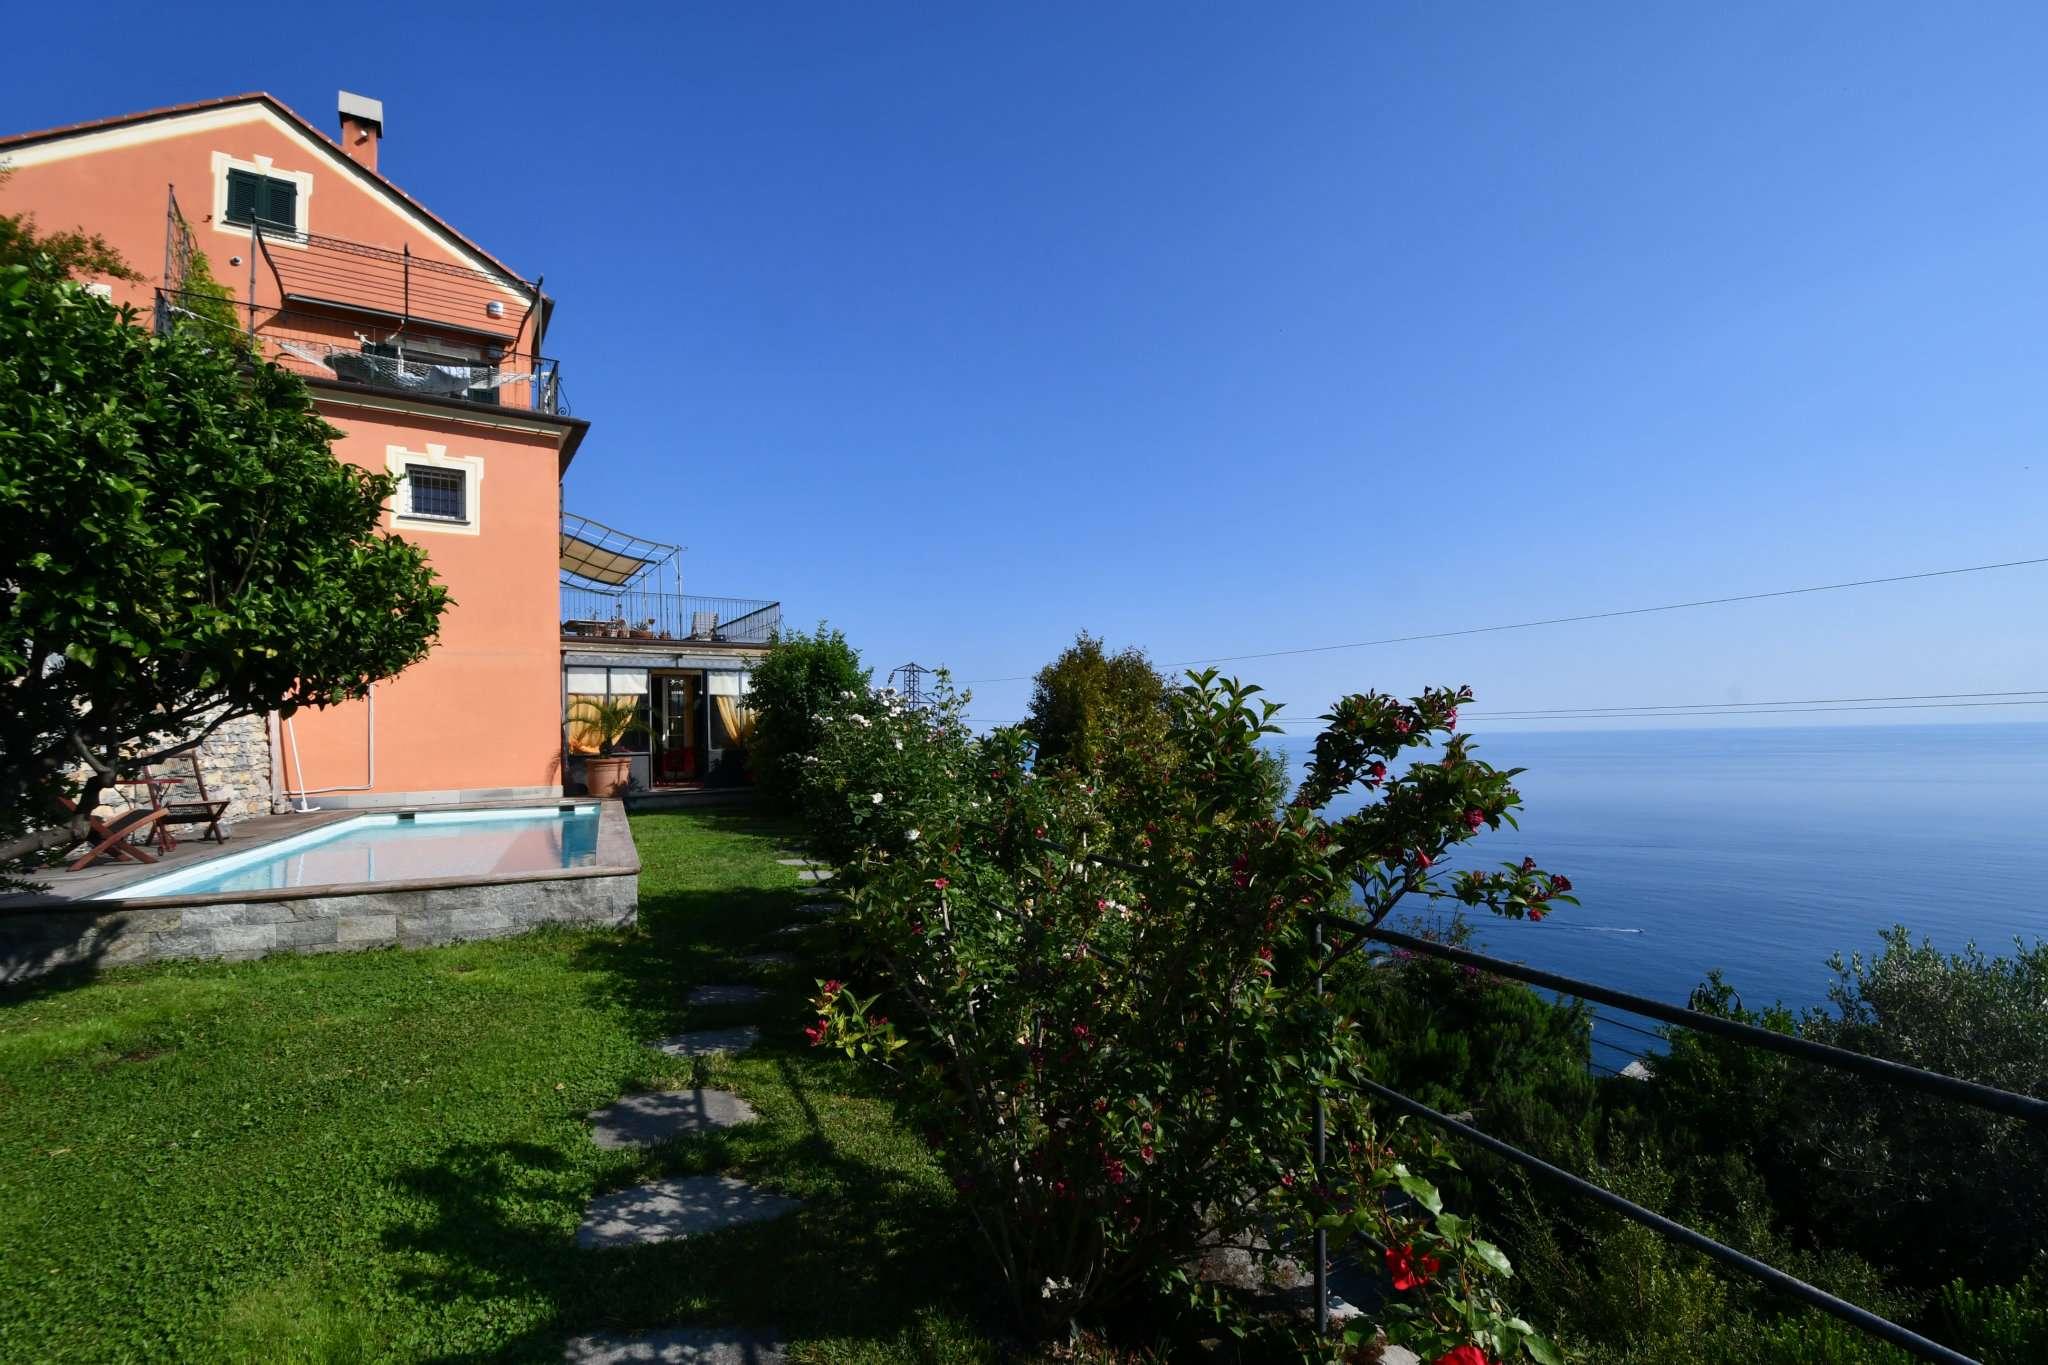 Appartamento in vendita a Pieve Ligure, 6 locali, prezzo € 940.000 | PortaleAgenzieImmobiliari.it